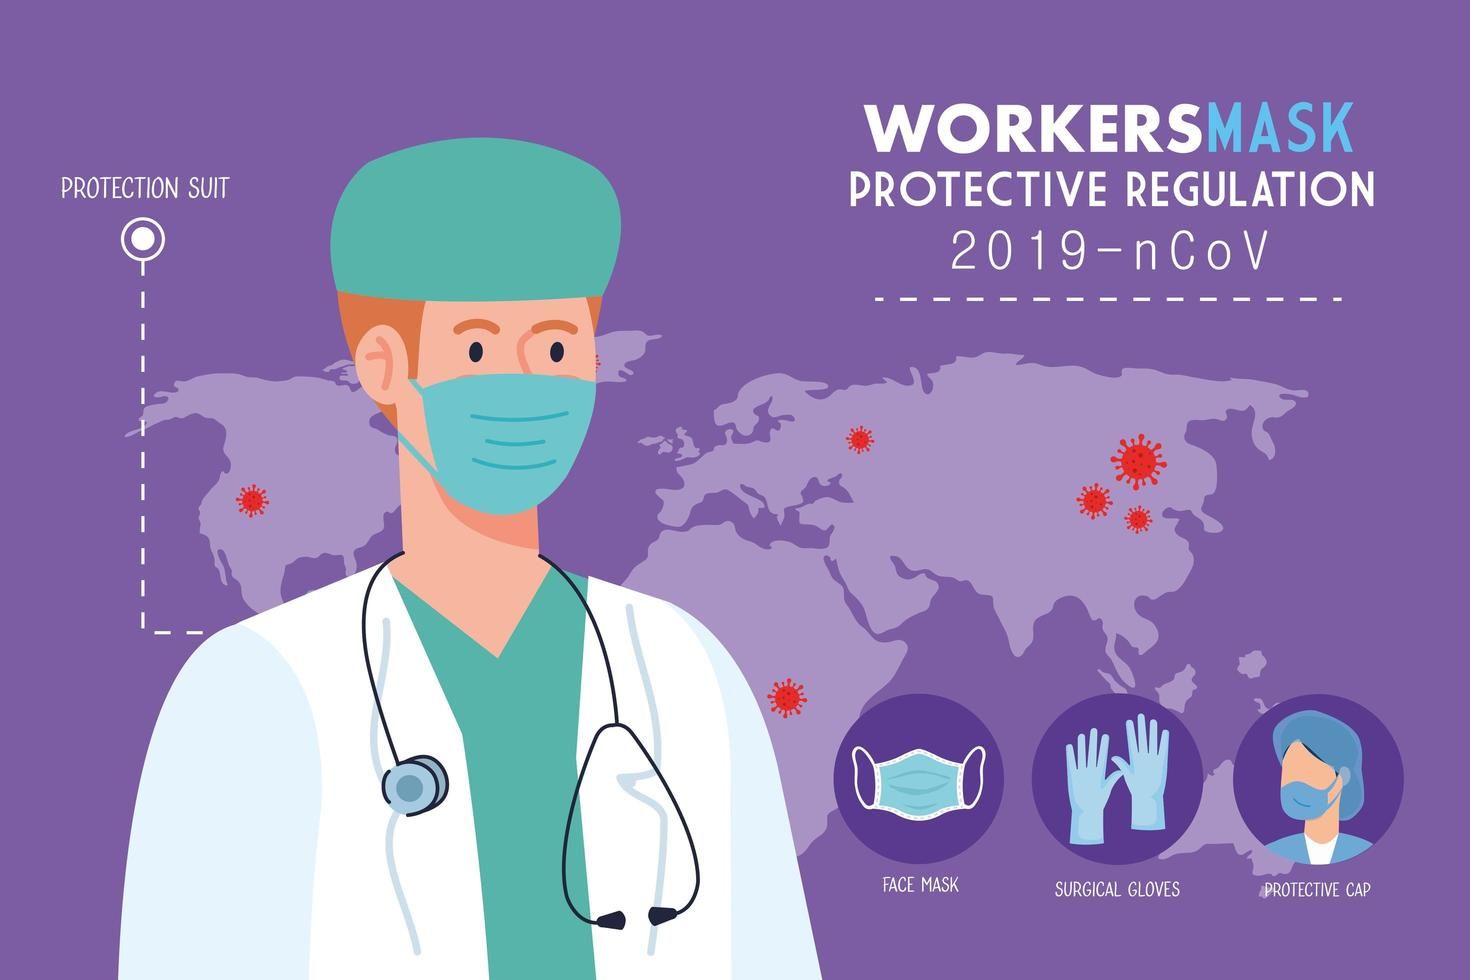 Arzt trägt medizinische Maske gegen 2019 ncov, mit Schutzregulierung Prävention Coronavirus, Pandemie-Konzept vektor